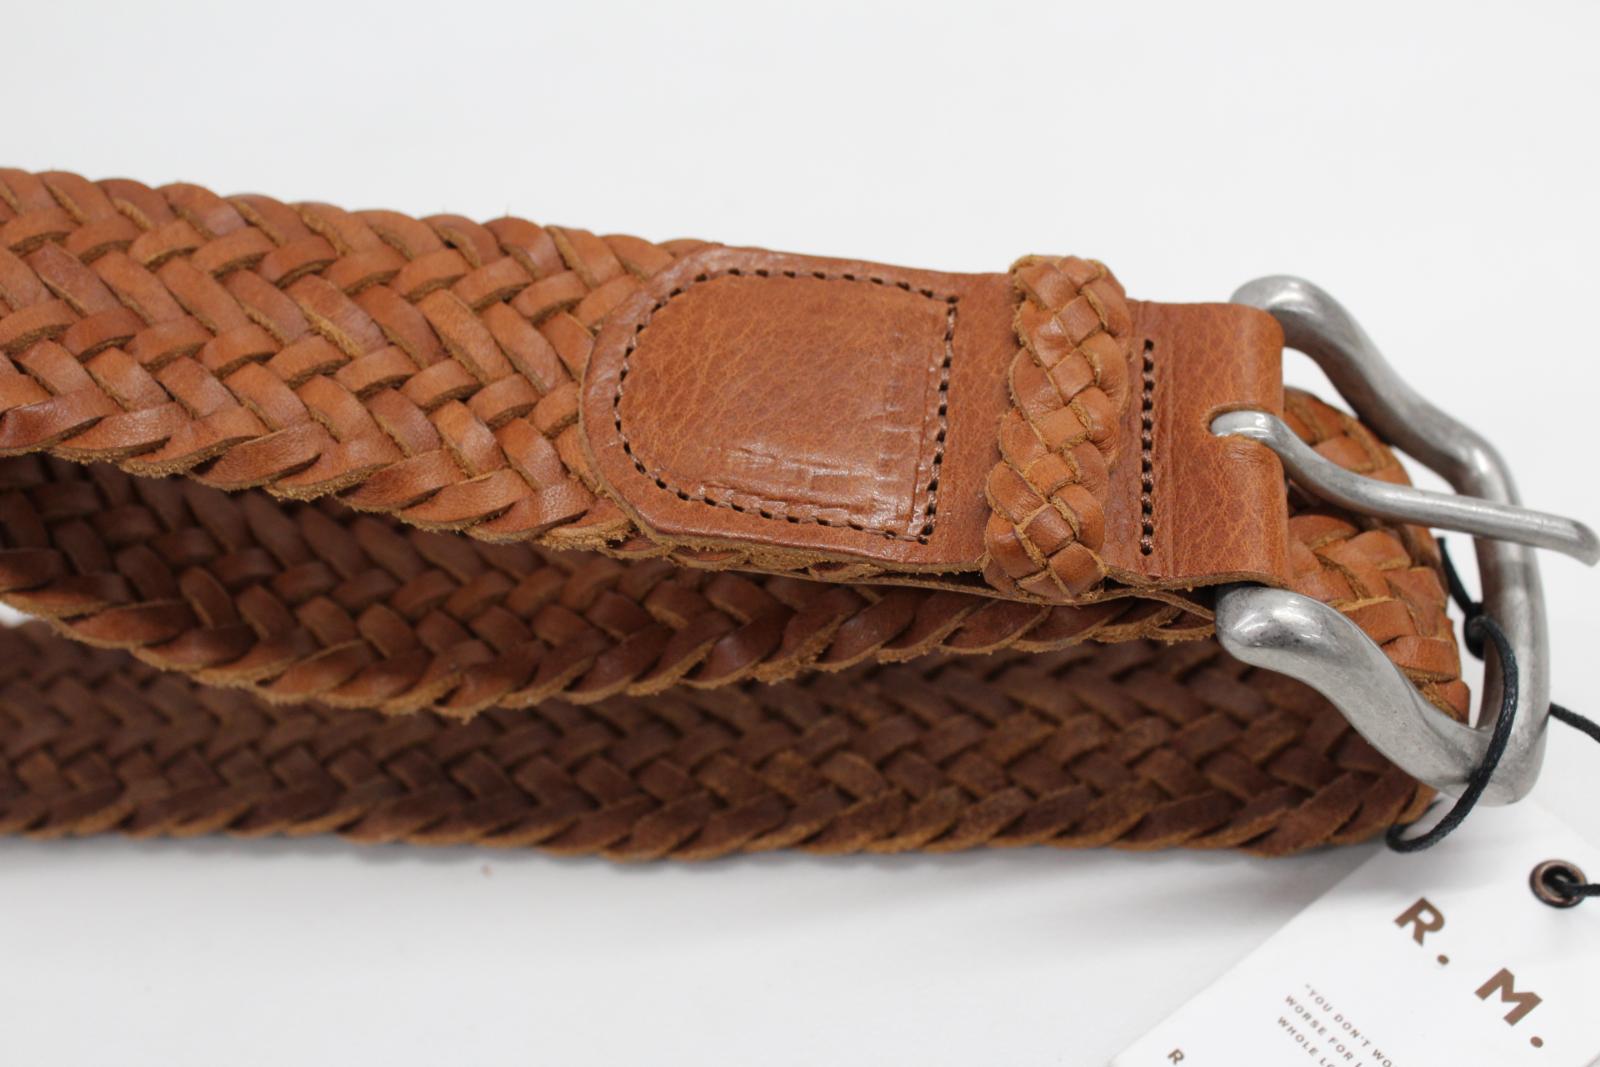 NUOVO-R-M-Williams-in-Pelle-Marrone-Intrecciato-TESSUTA-PIN-buckke-bambra-Cintura-Taglia-32-034 miniatura 7